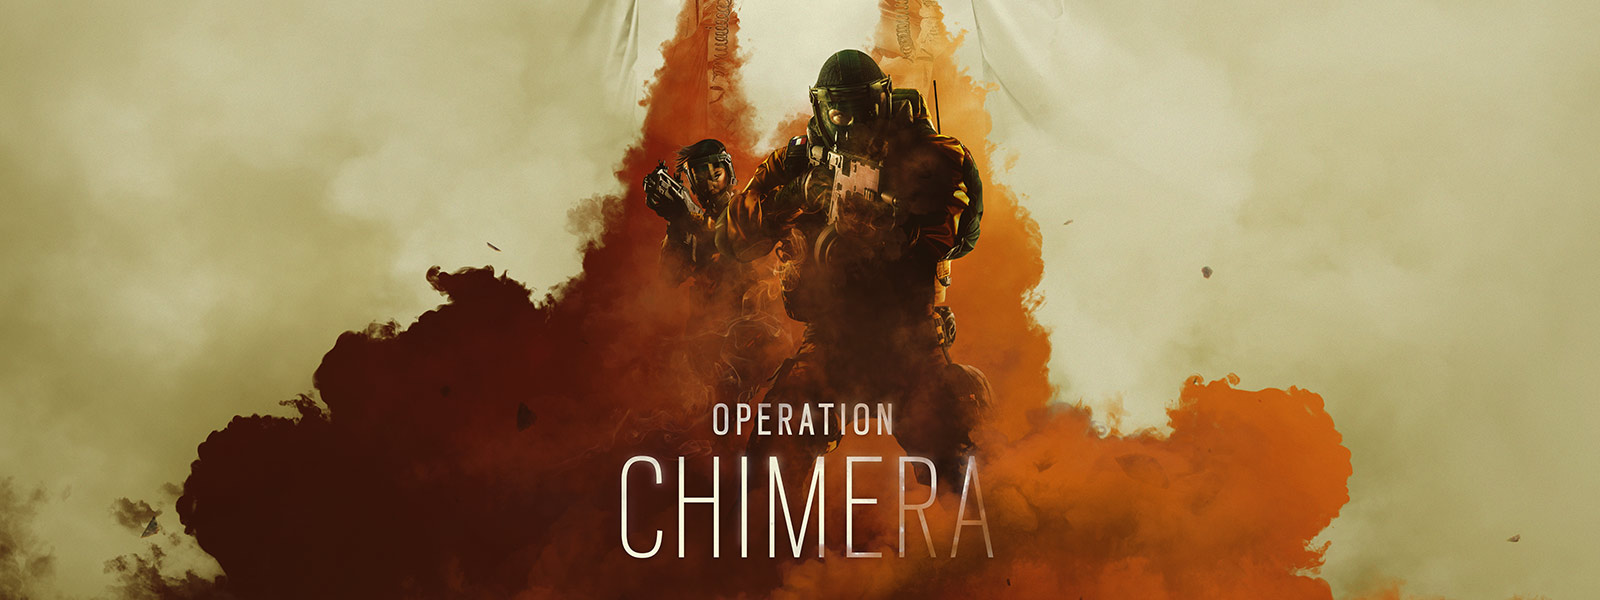 Opération Chimera, deux opérateurs portants des masques à gaz qui marchent dans une zone touchée par l'agent orange